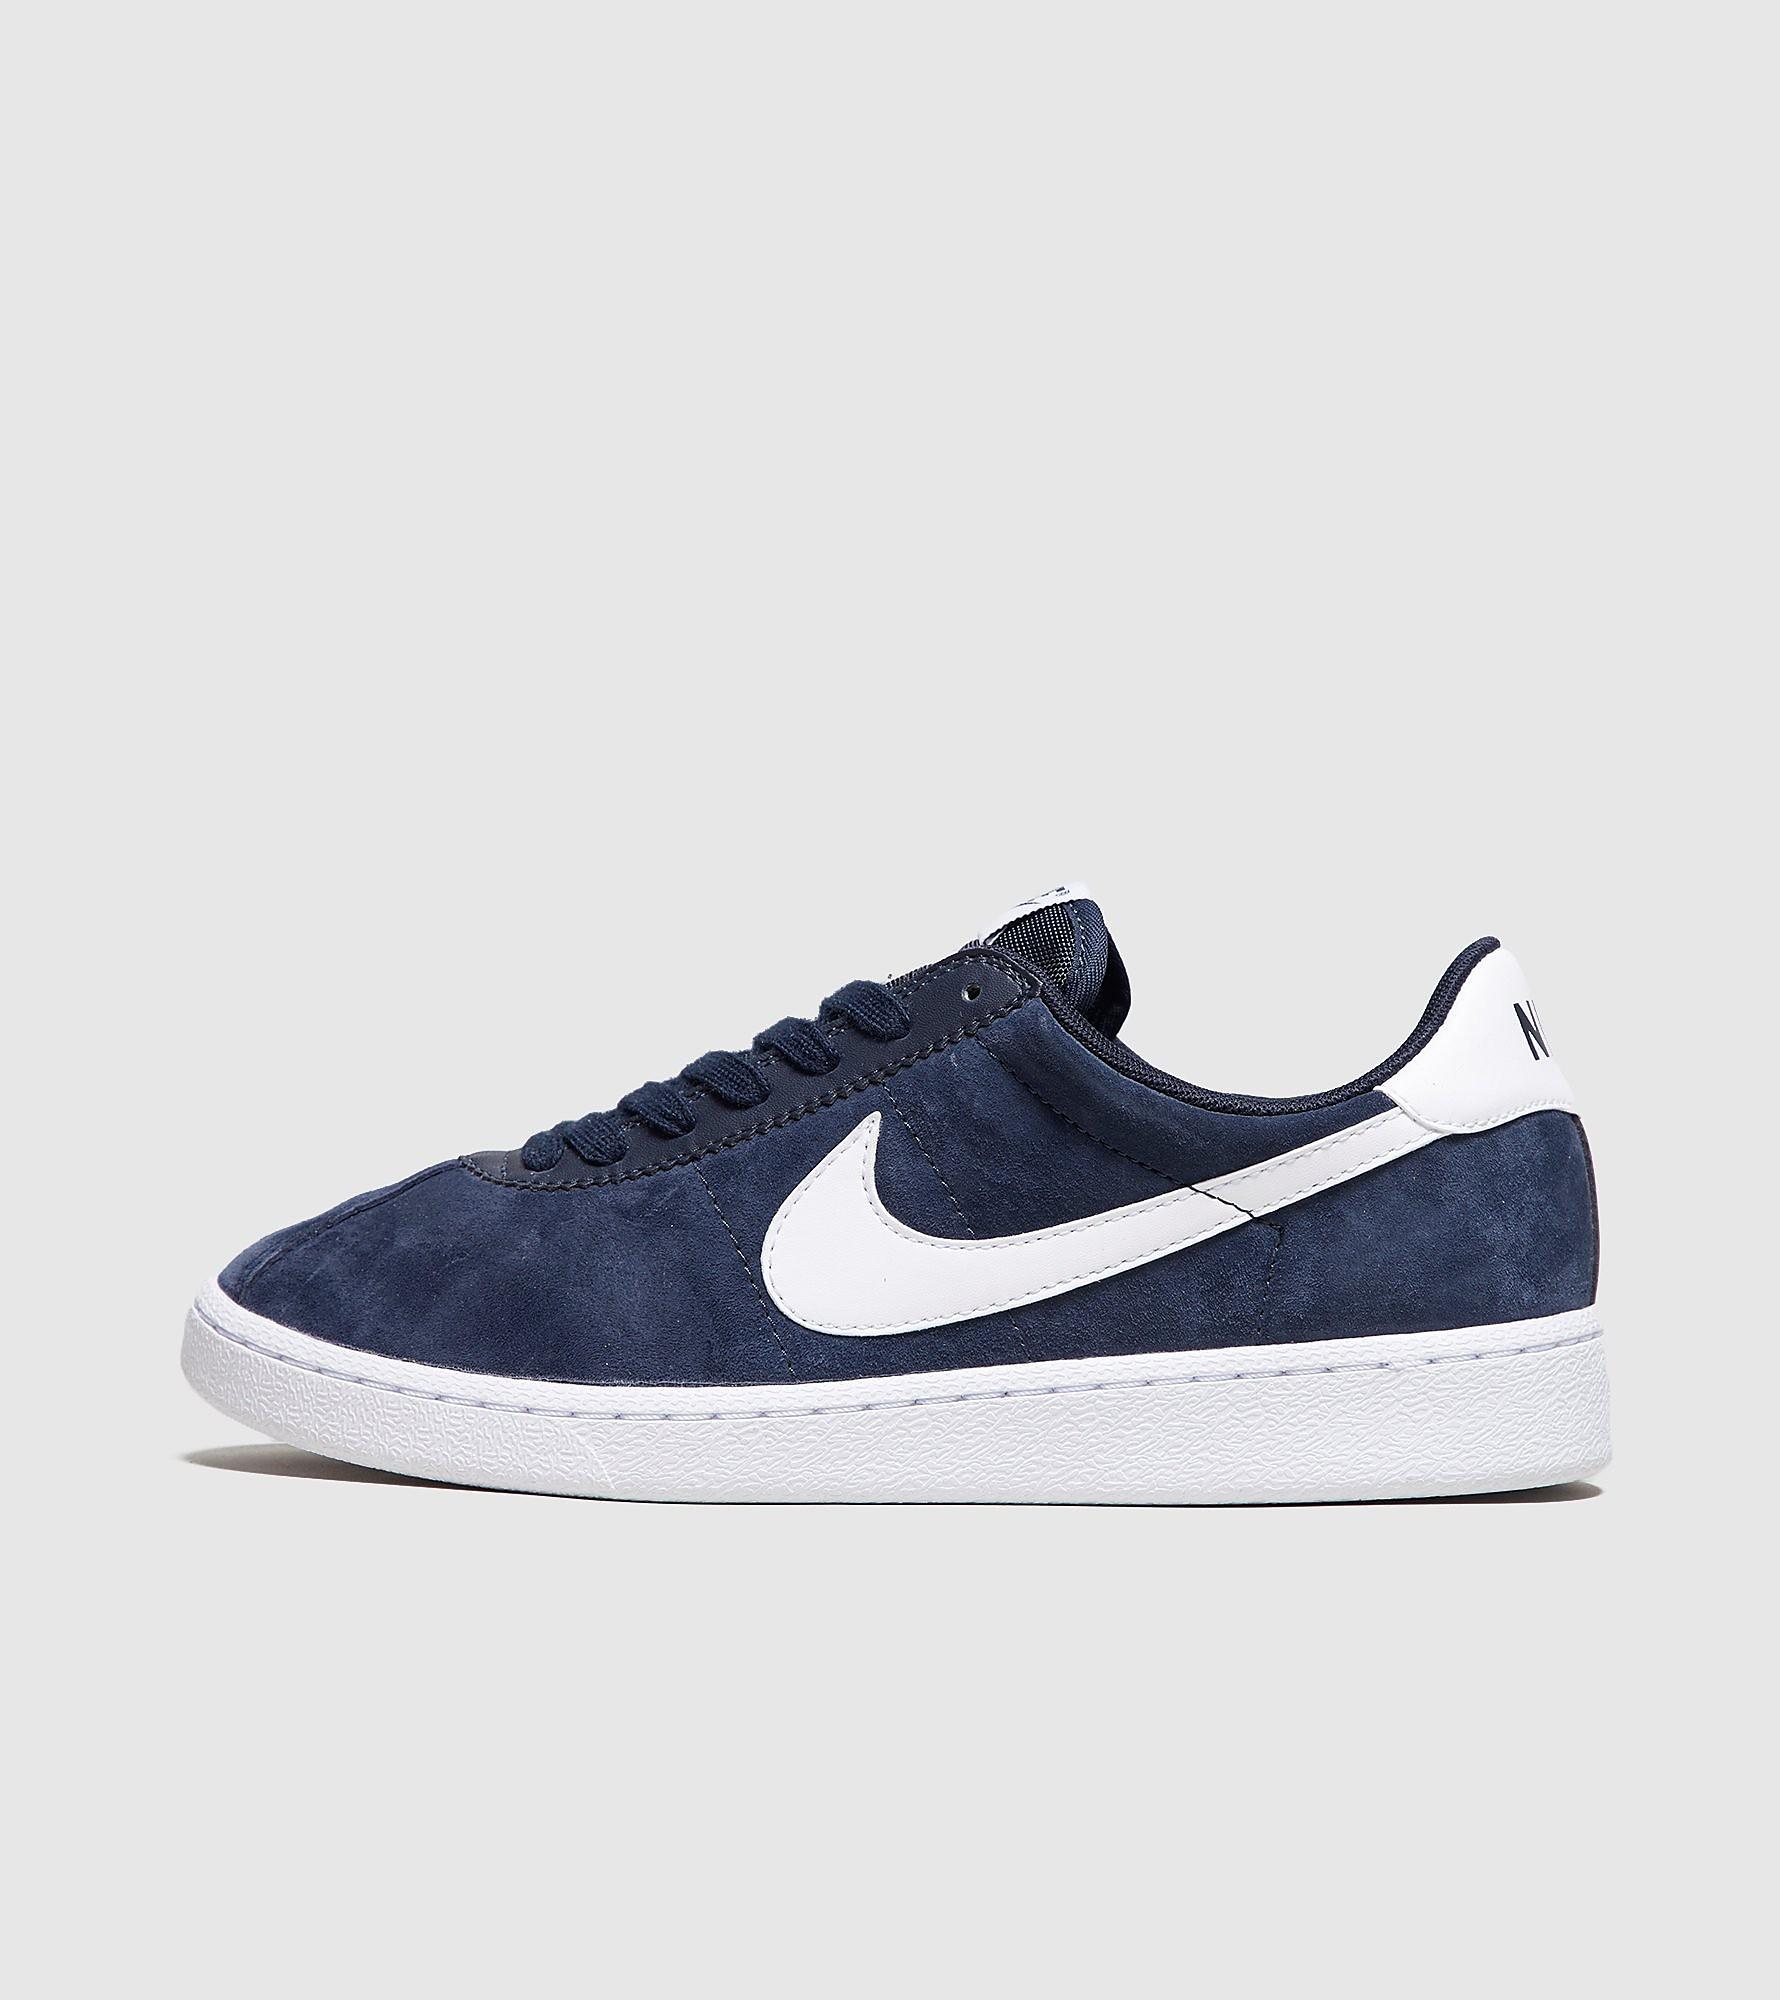 Nike Bruin OG